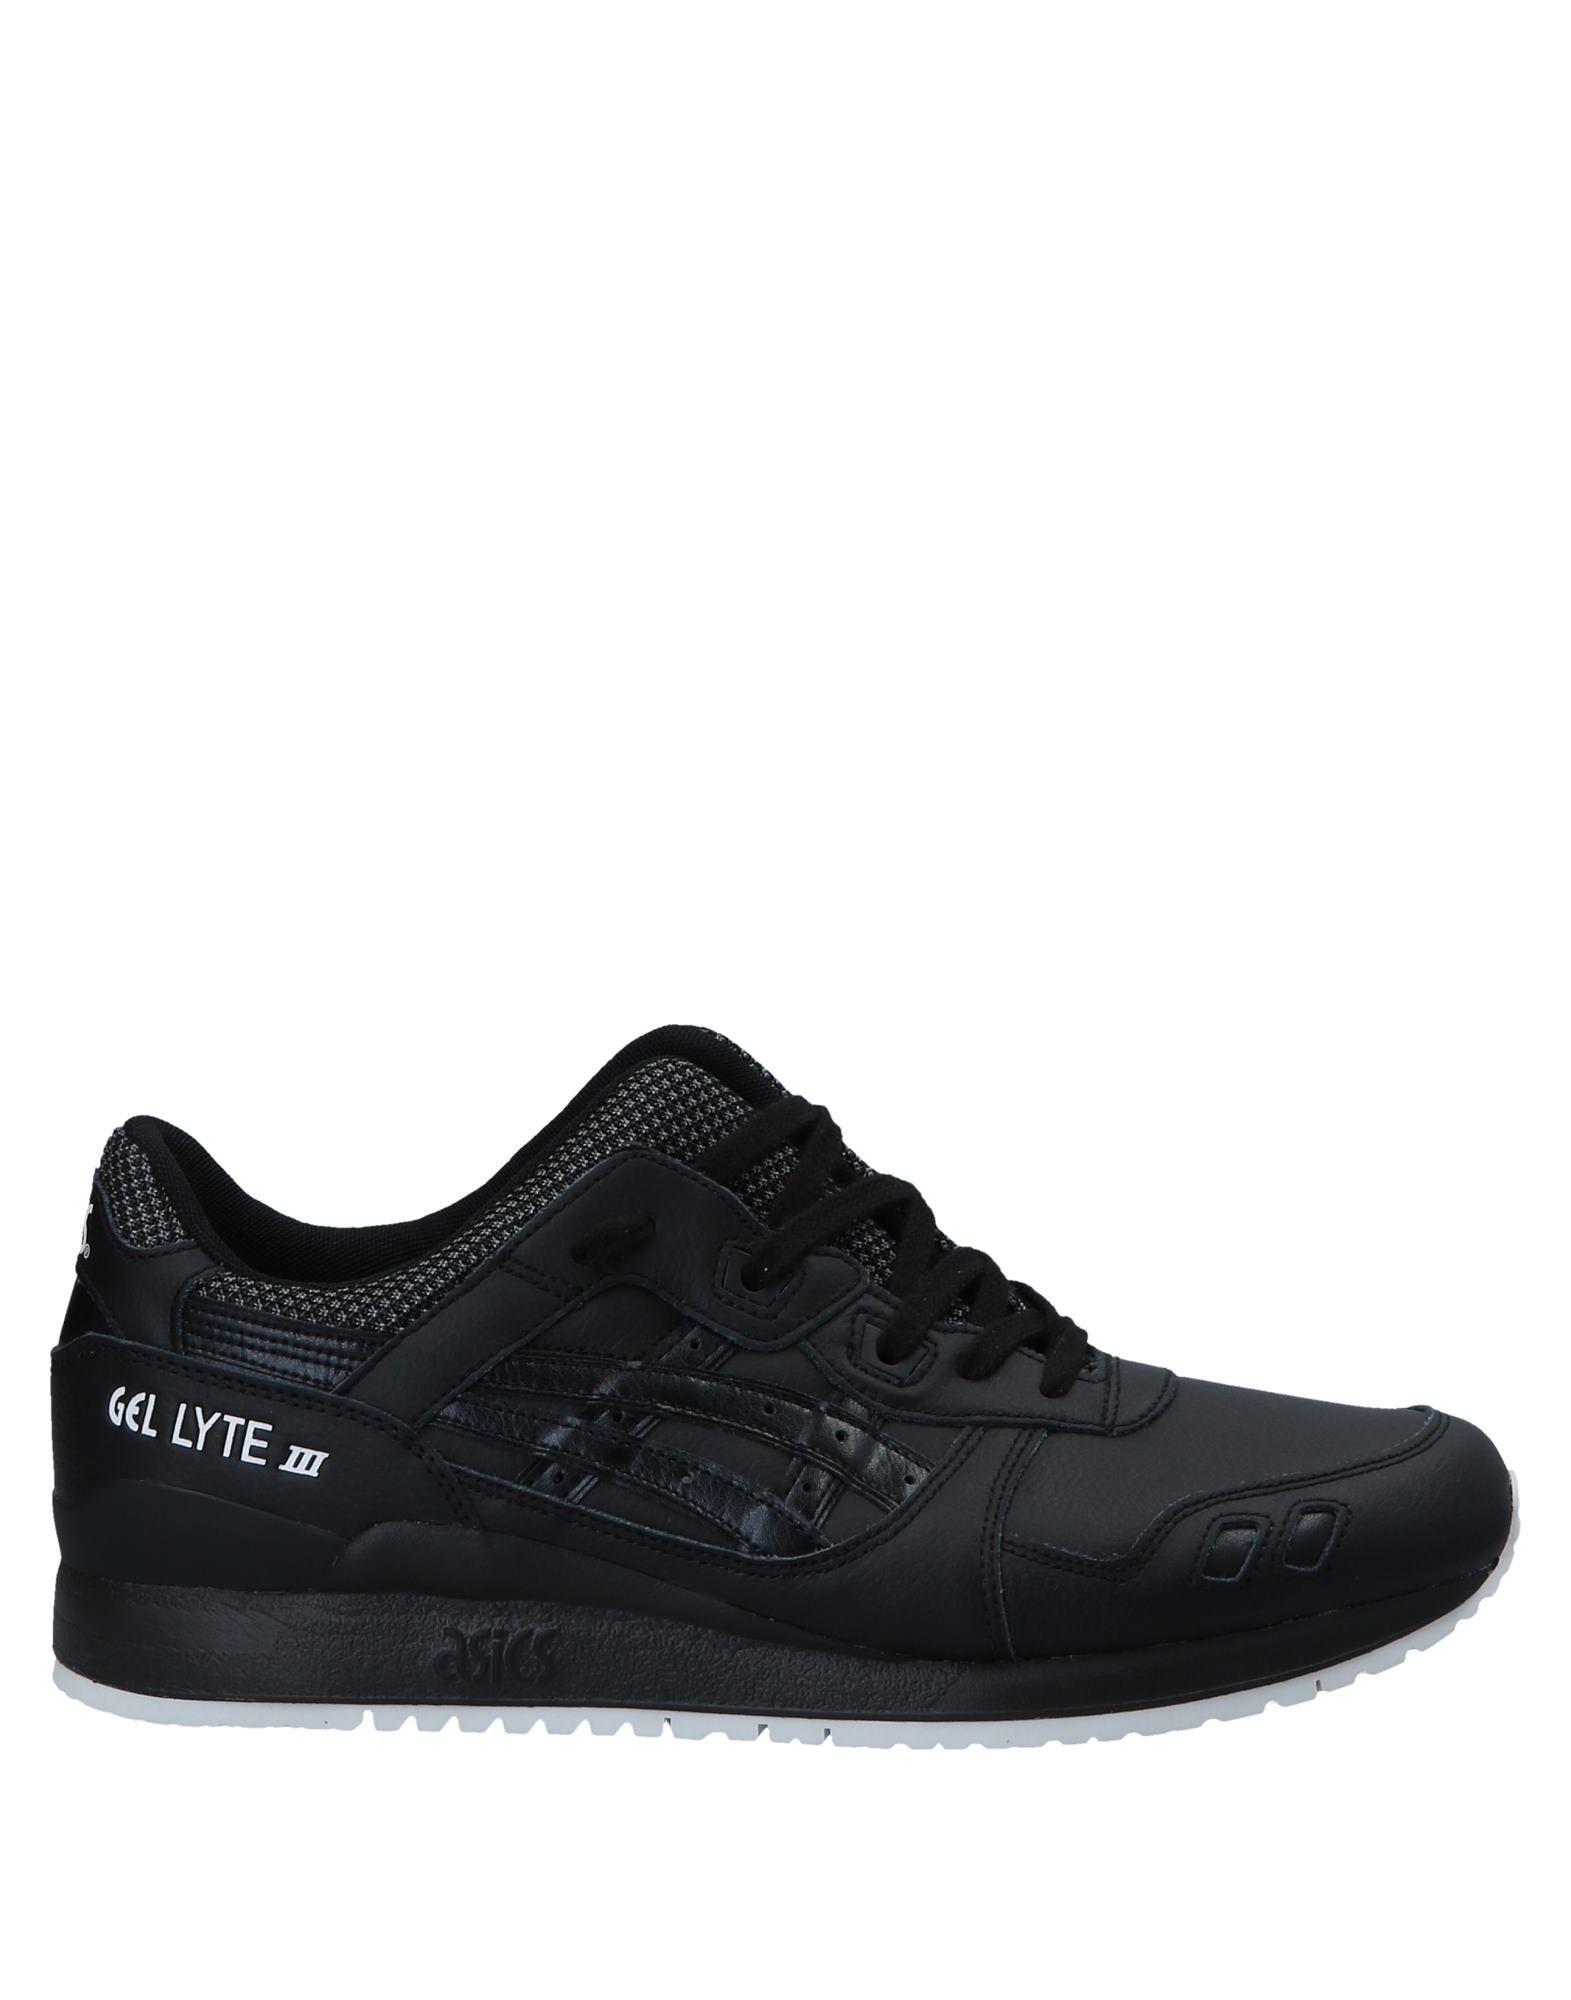 Rabatt echte Schuhe Asics Sneakers Herren  11546612JQ